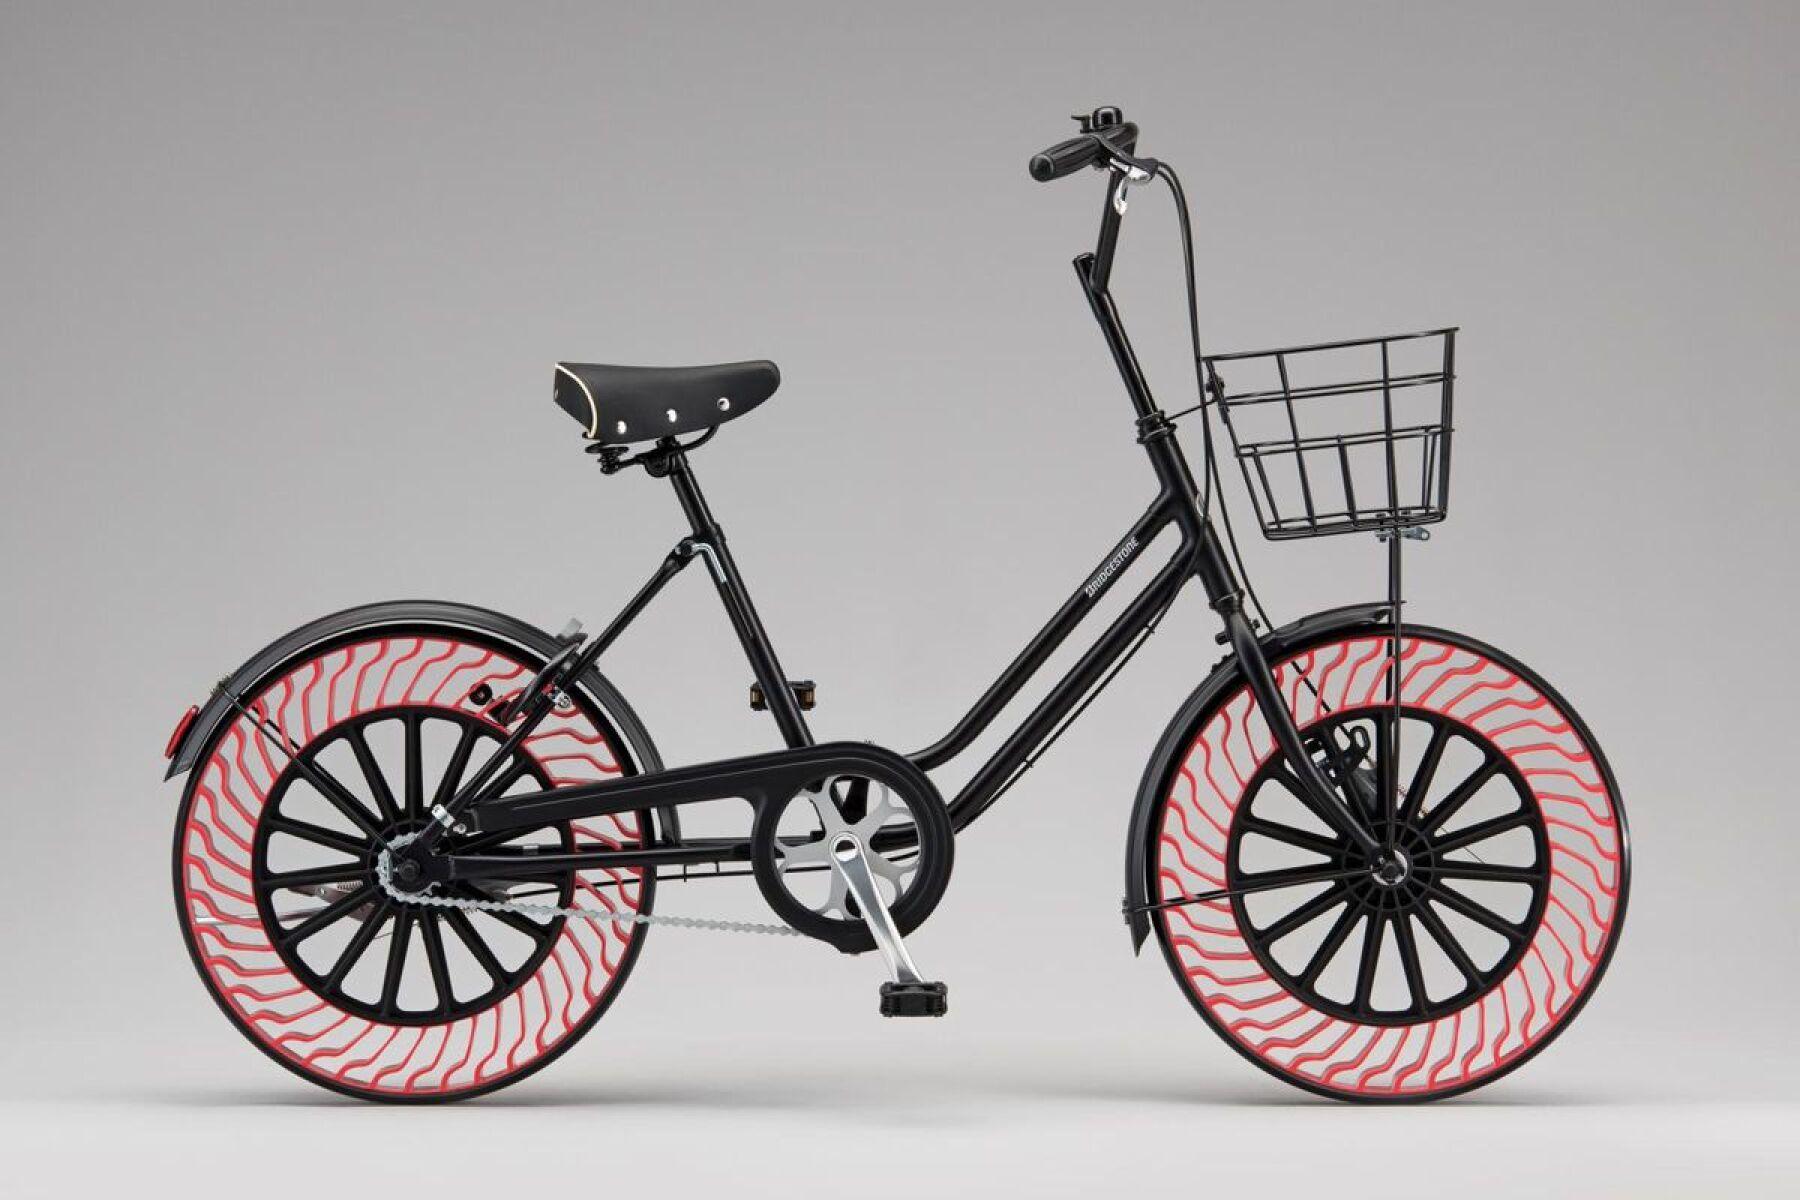 Air Free Tire on Bicycle.jpg